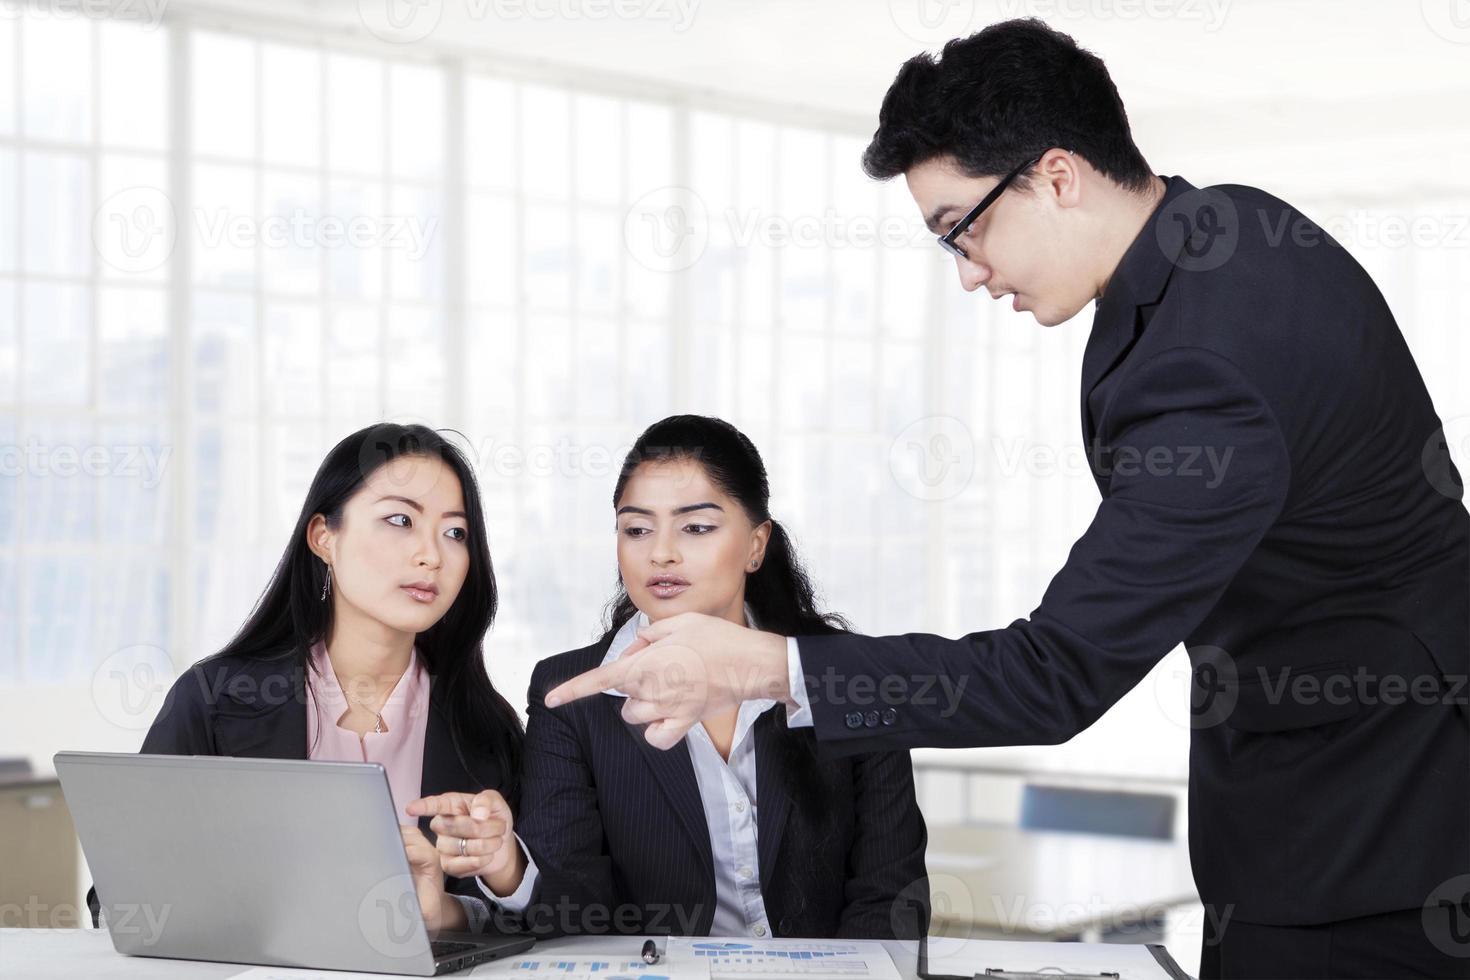 manlig ledare förklarar affärsstrategi foto